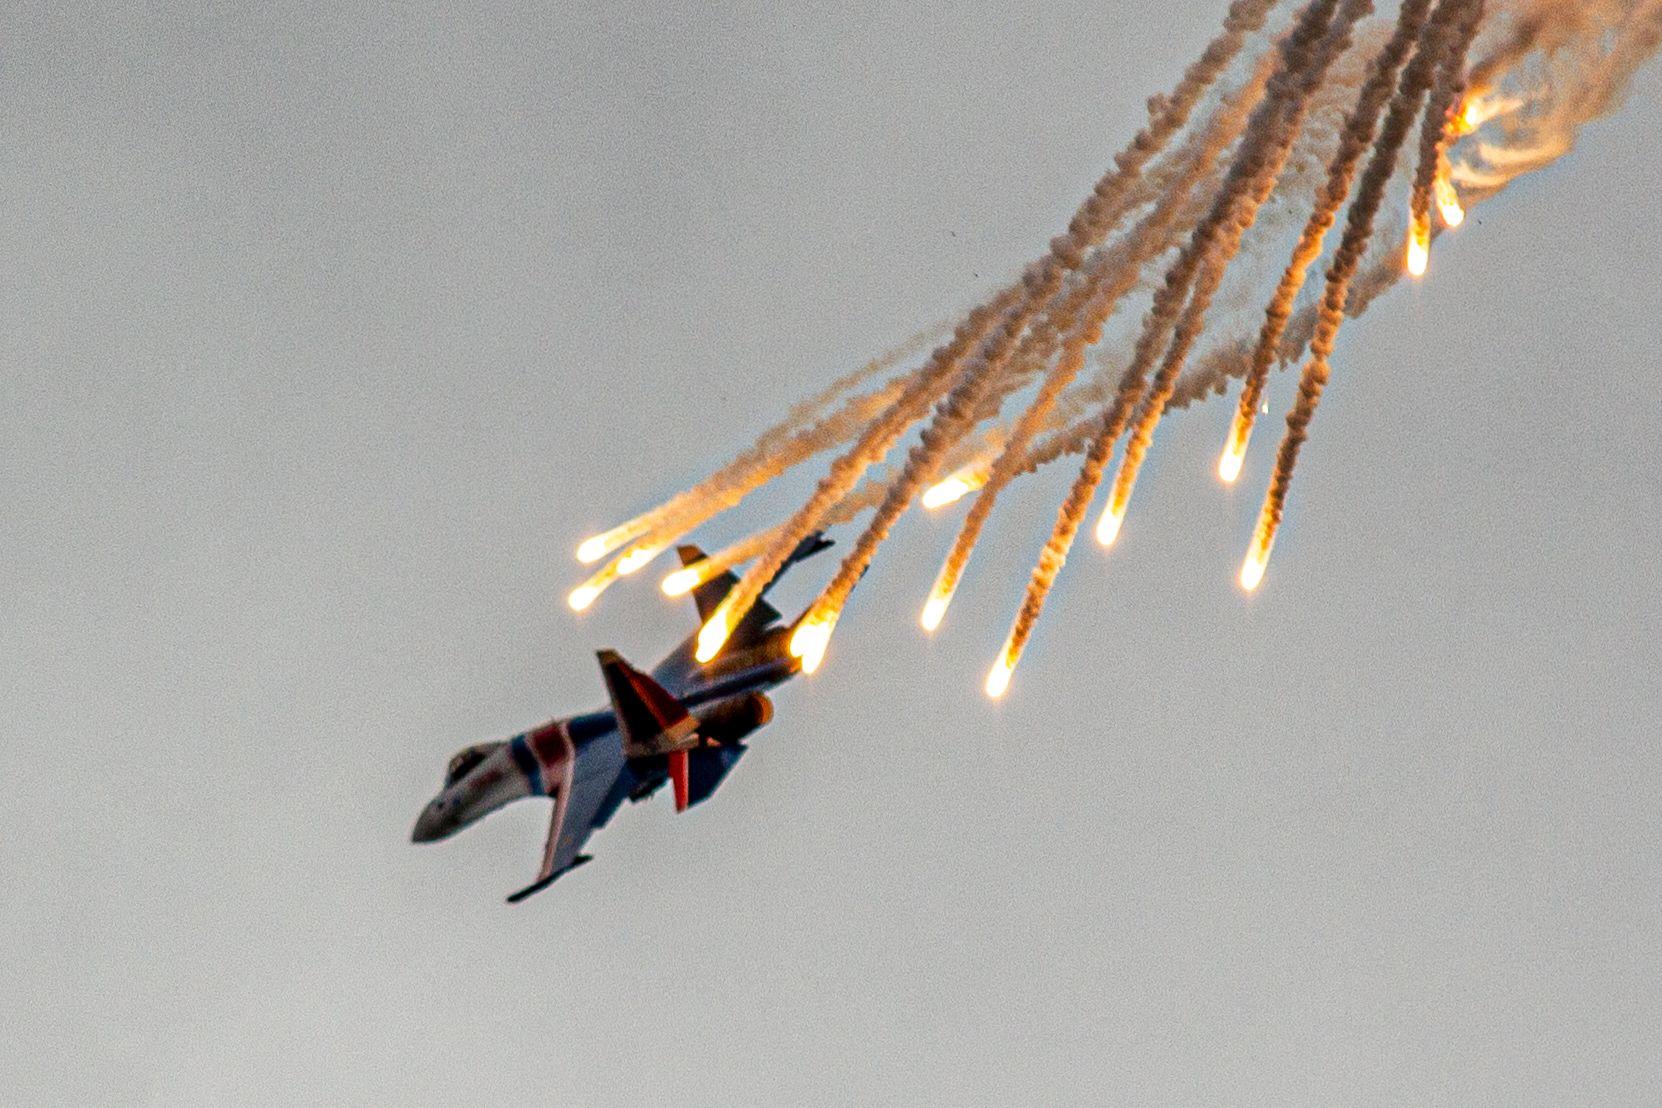 самолет, облака, истребитель, СУ, МИГ, скорость, истребители, вооружение, россия, ВВС, самолеты, гром, Лашнев Сергей